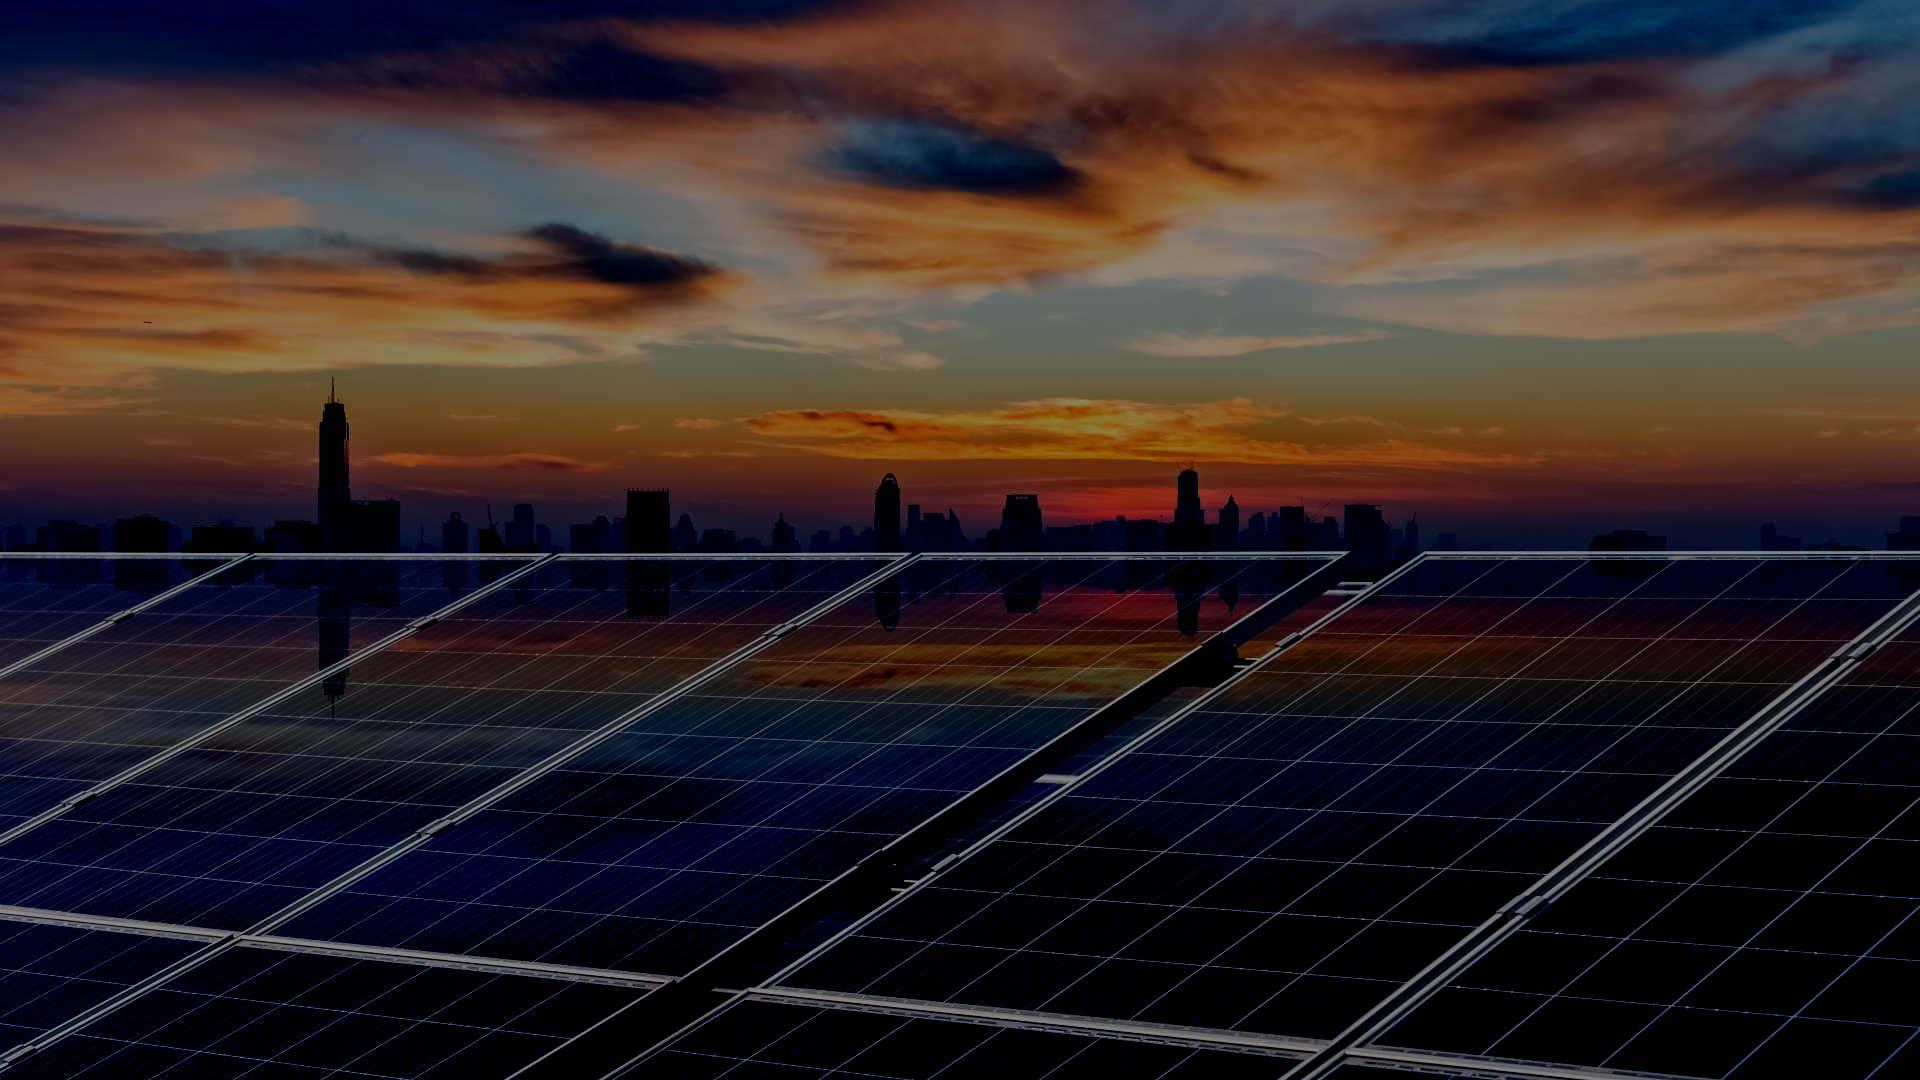 Placas solares con puesta del sol al fondo